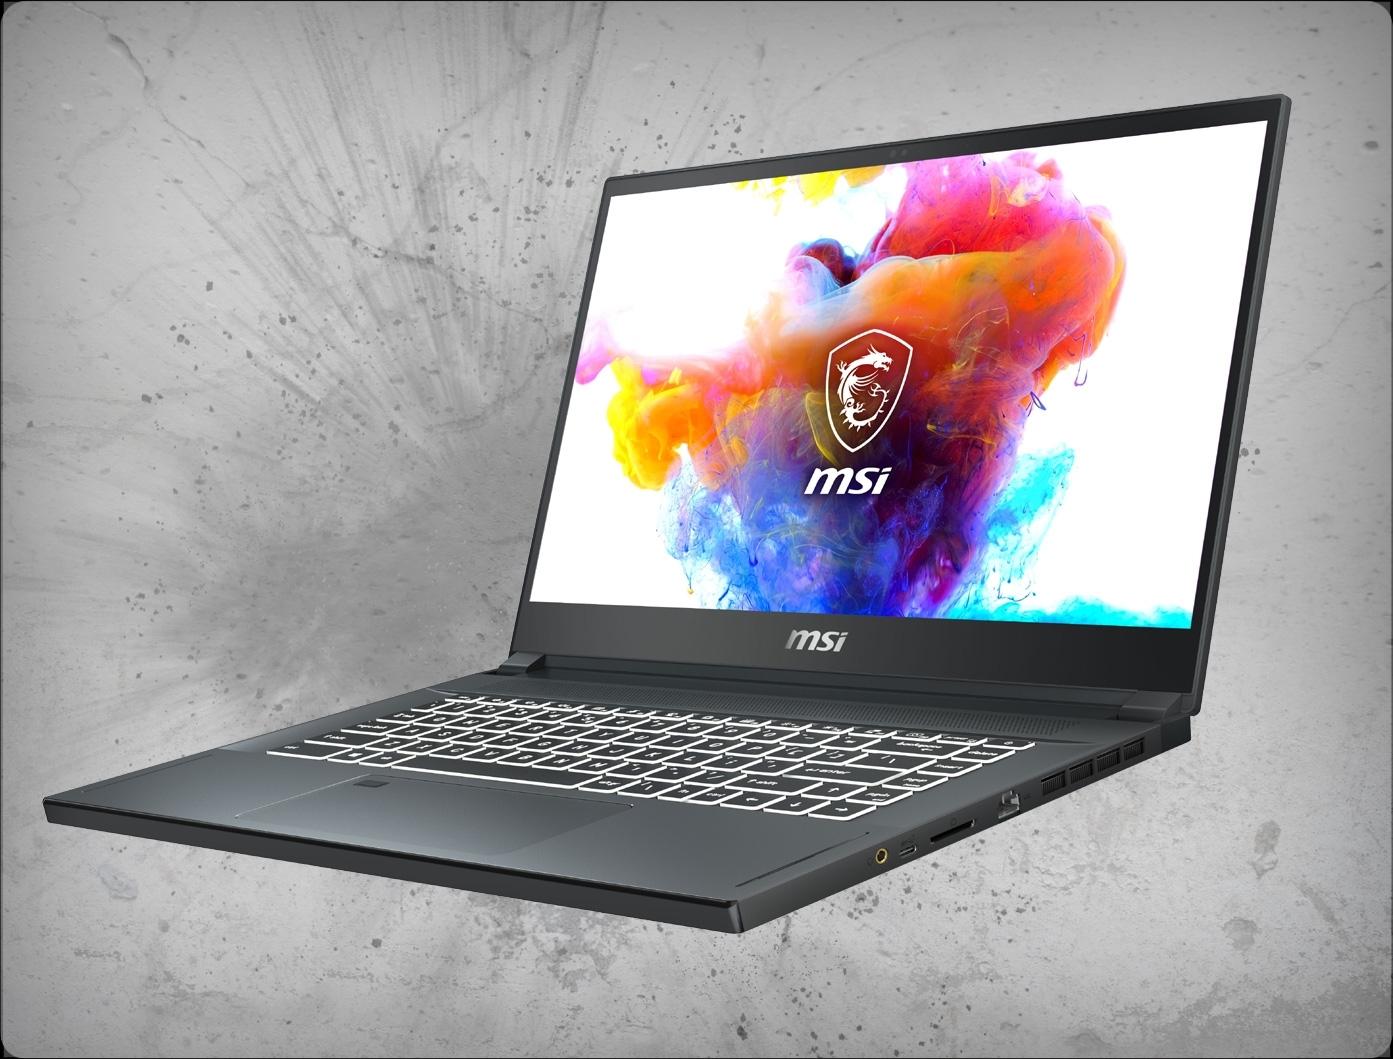 معرفی لپ تاپ Creator 15 شرکت MSI